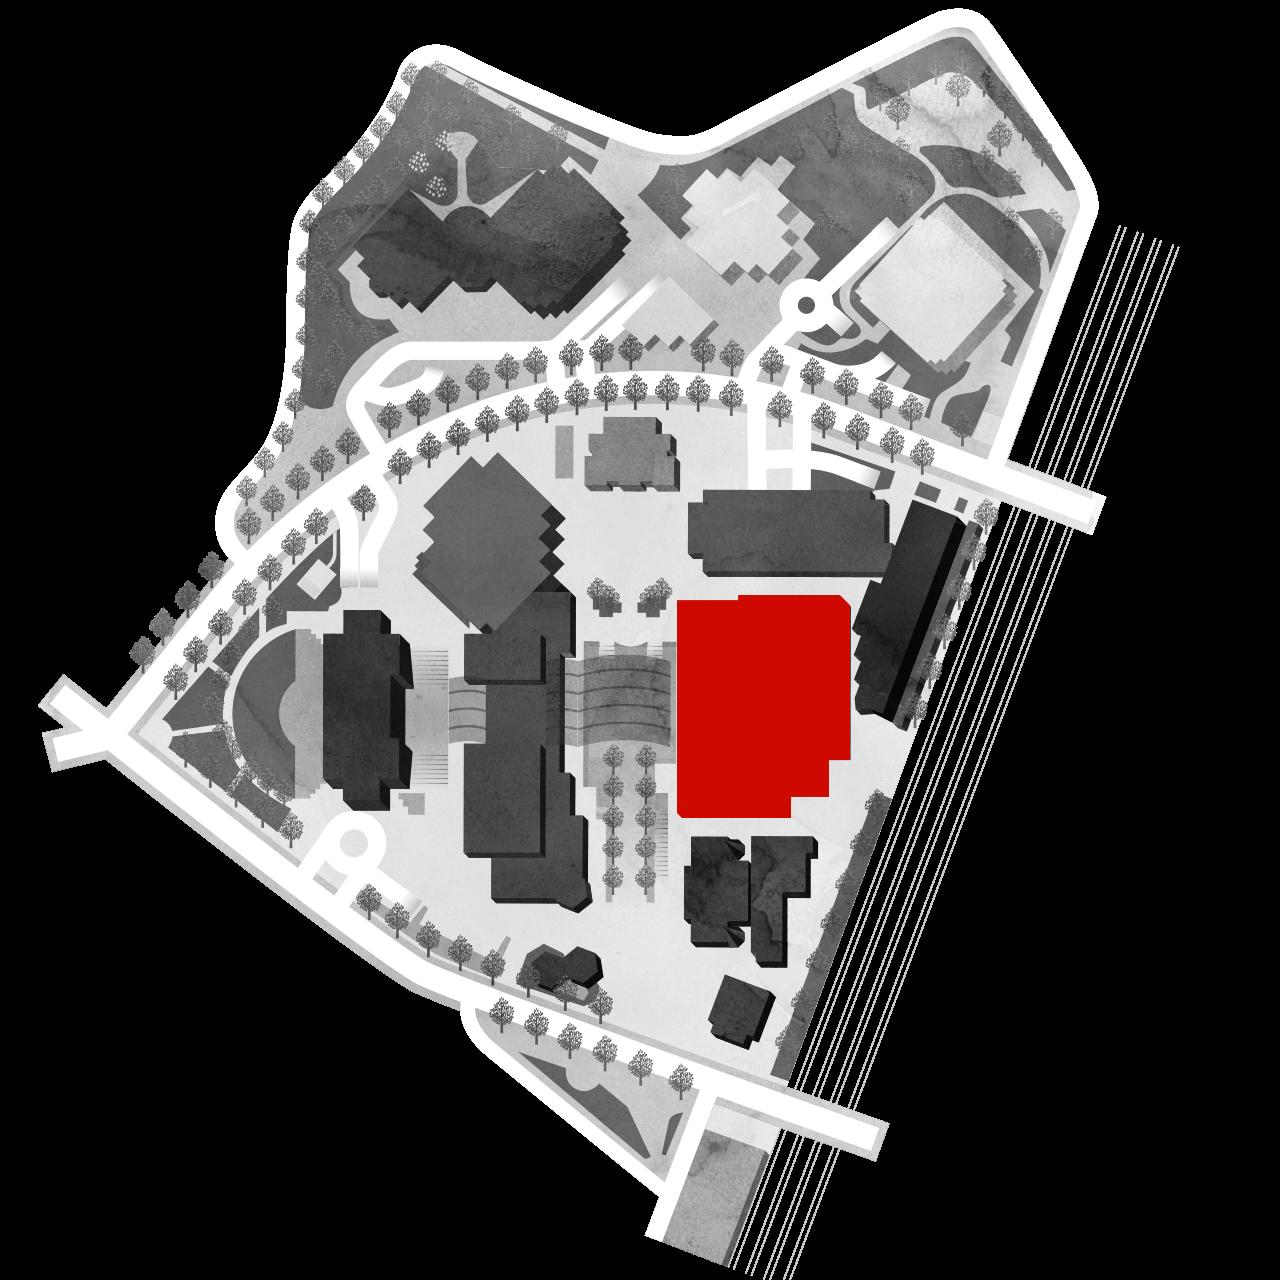 Facility map